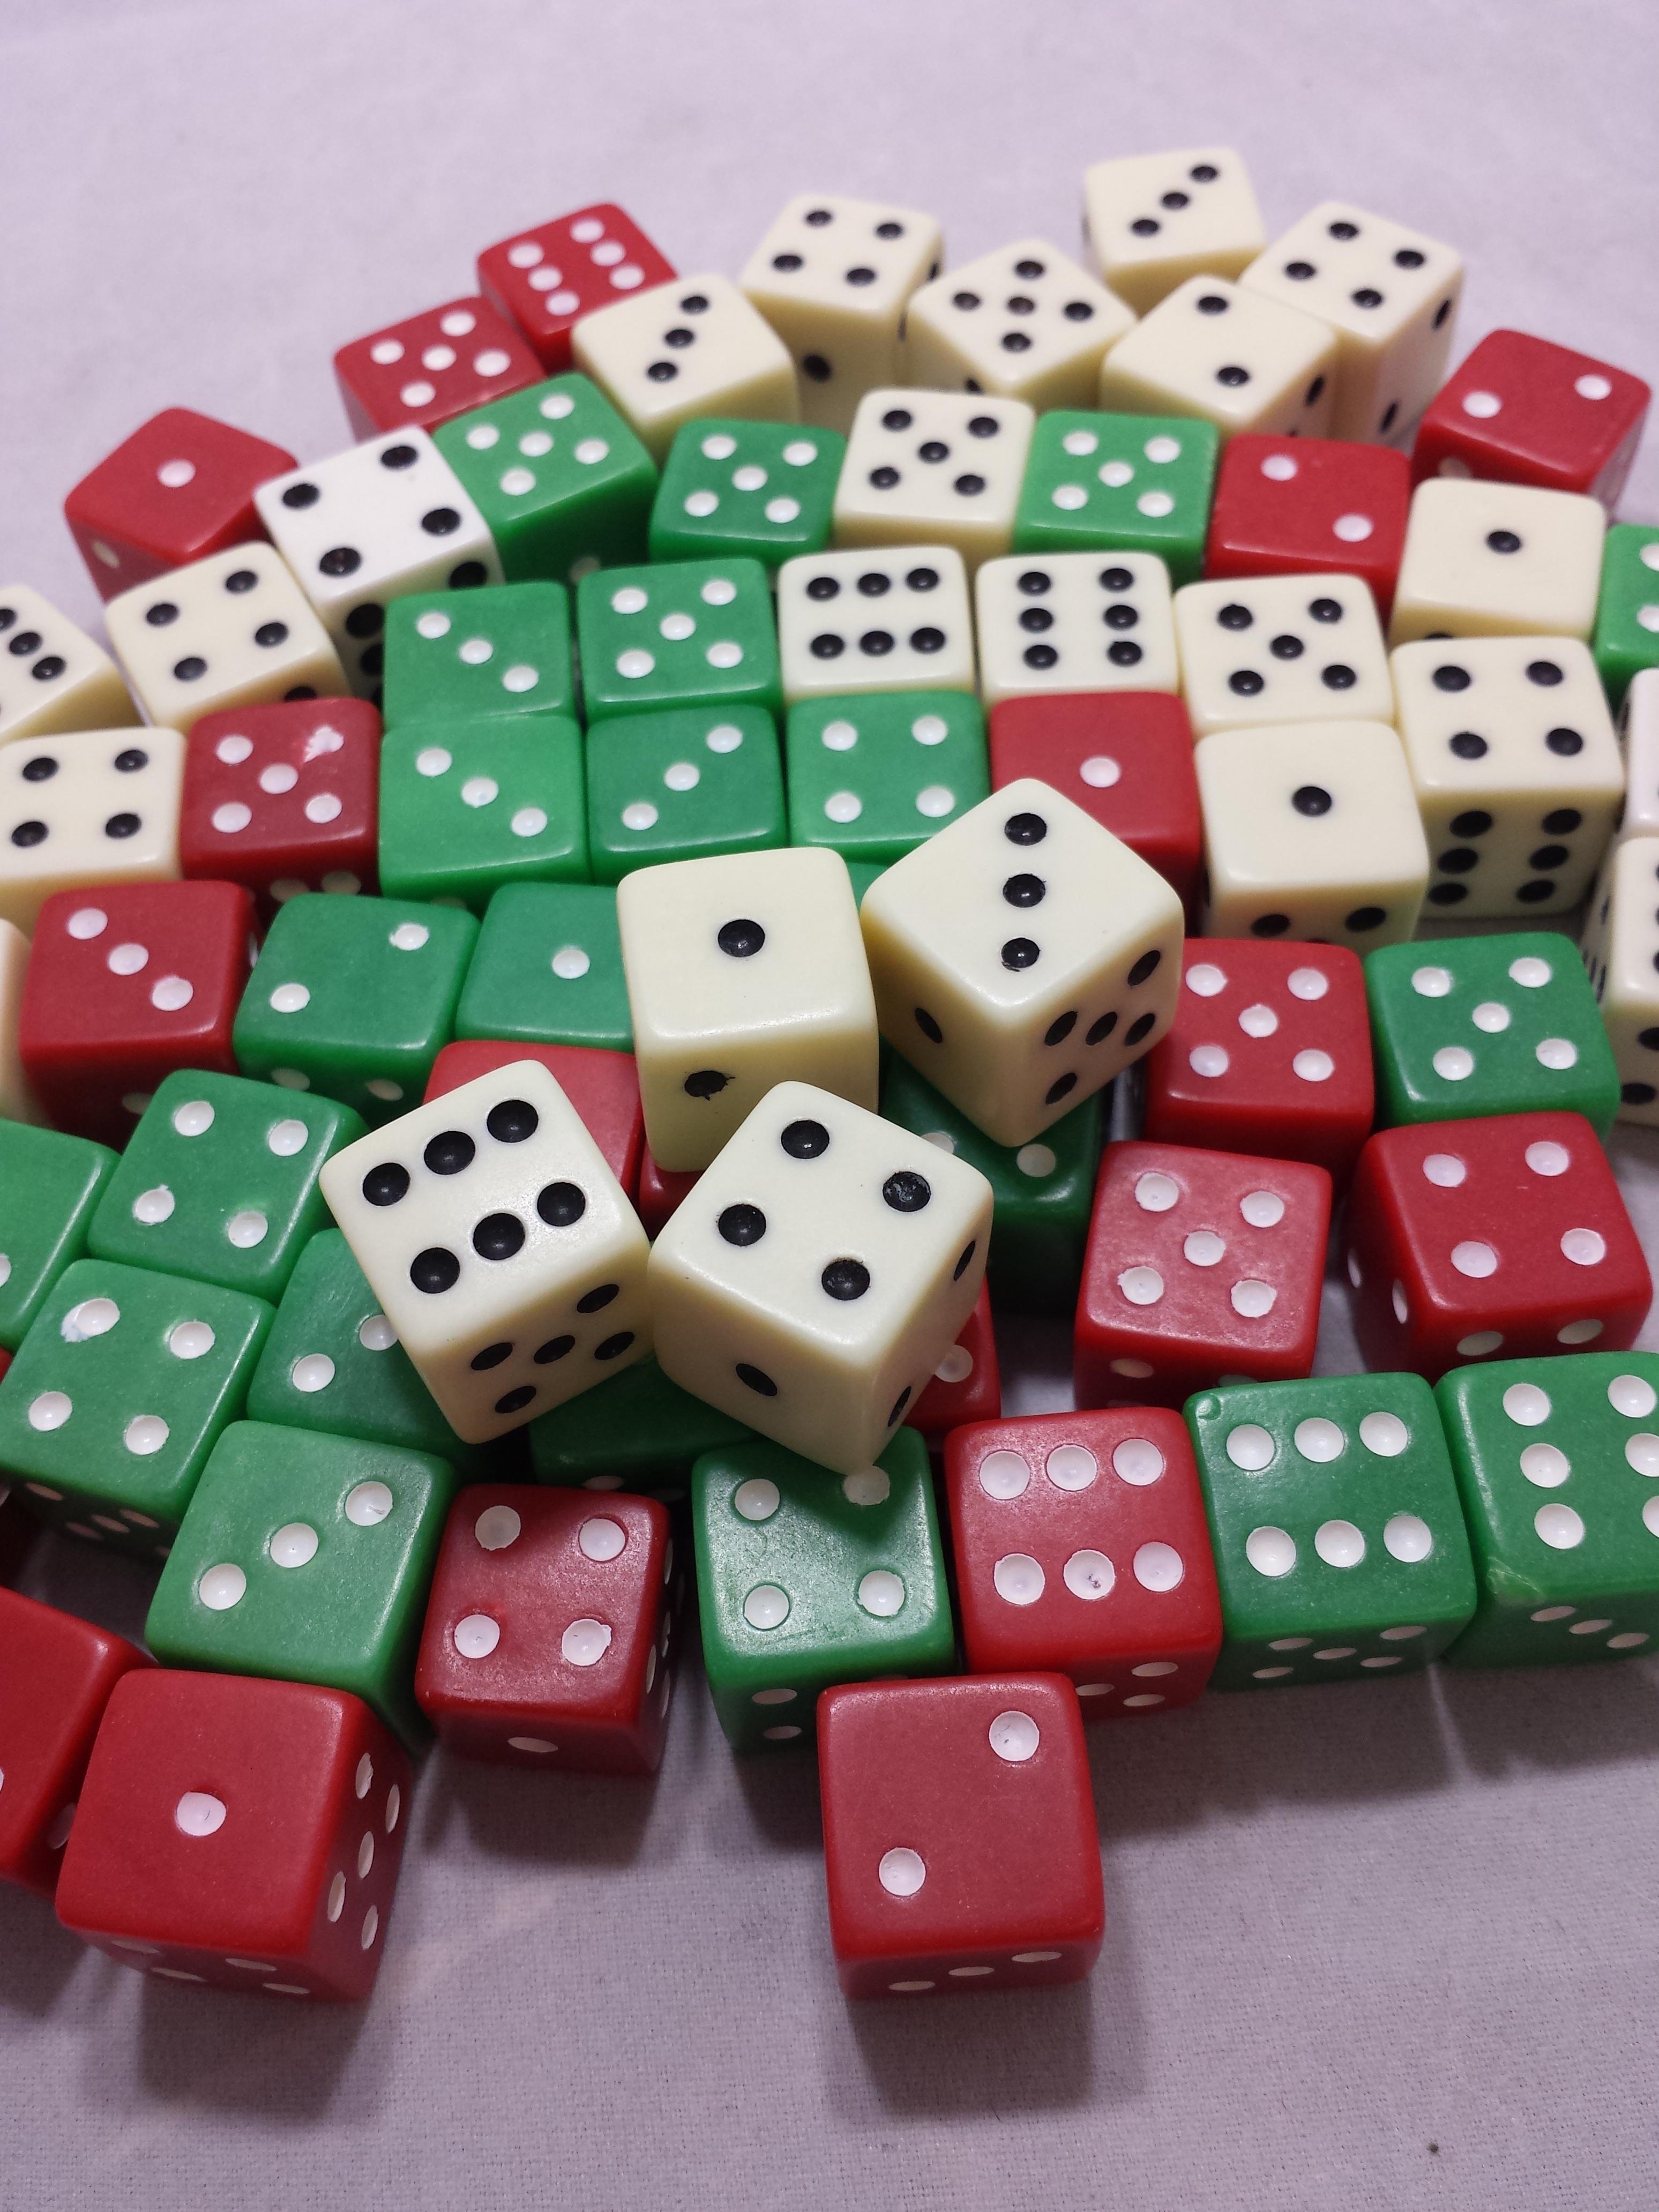 Азартные спортивные игры скачать игровые автоматы admiral megajack